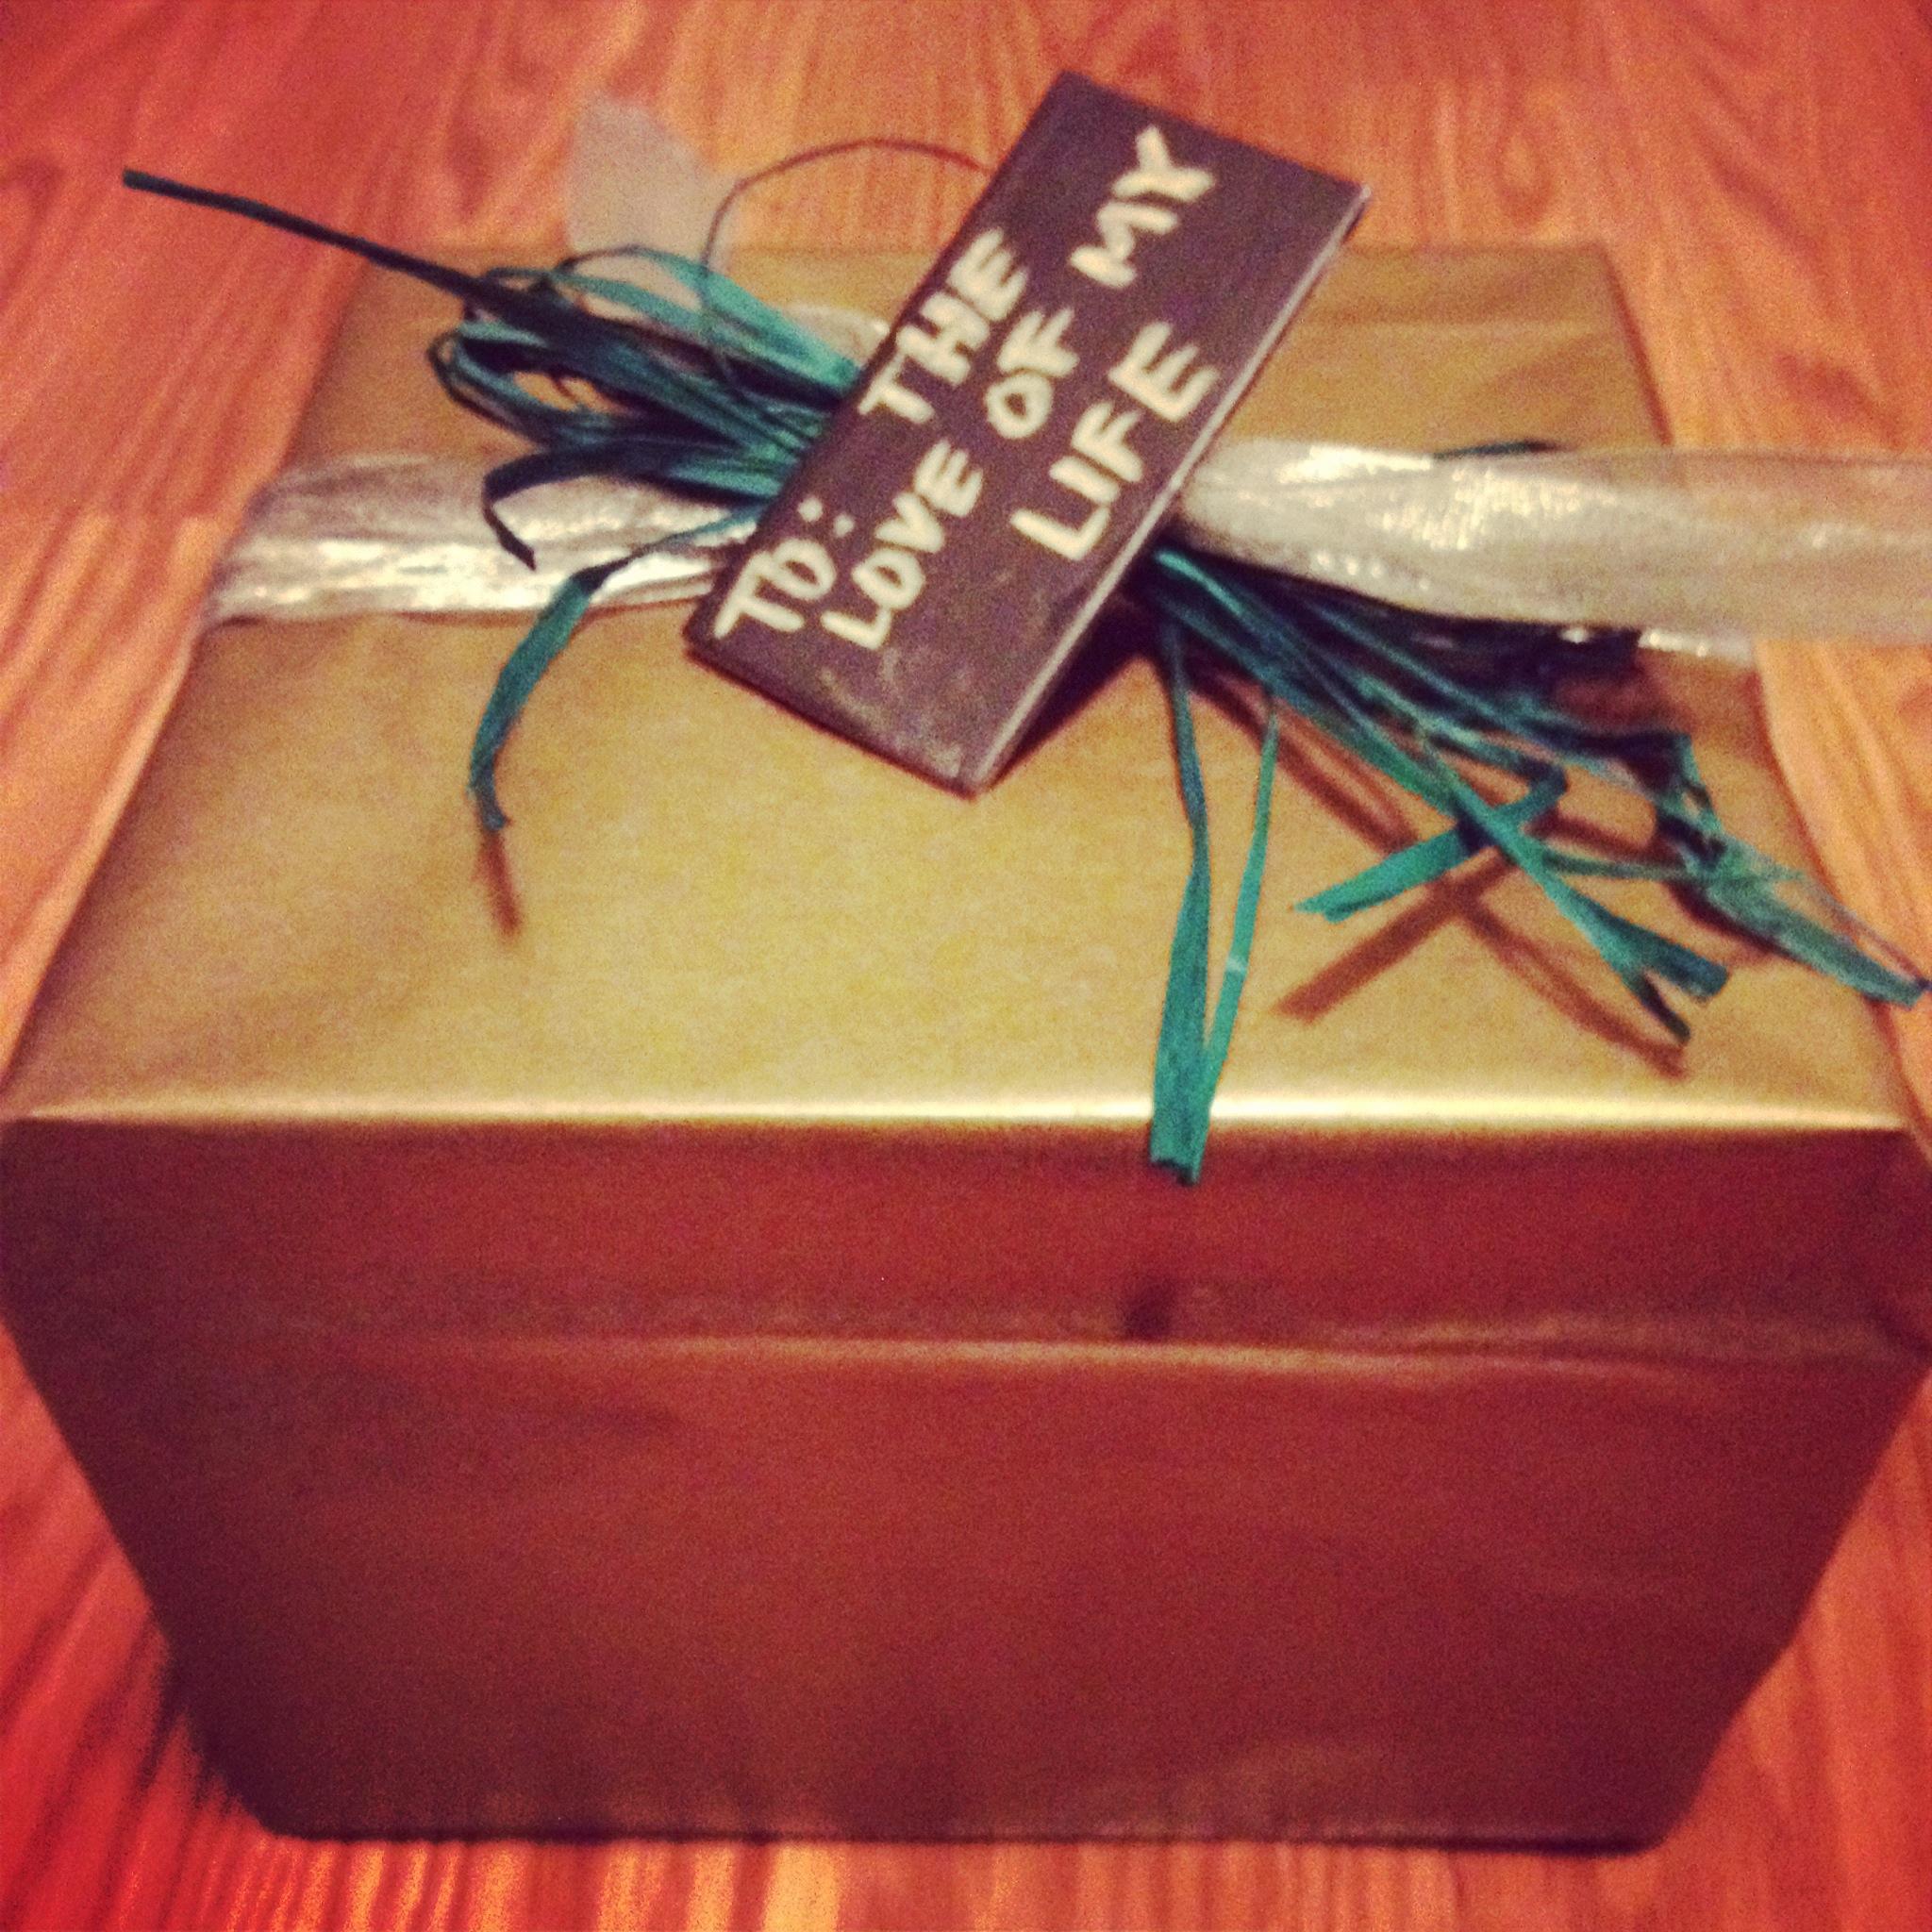 Unique DIY Birthday Gift Idea